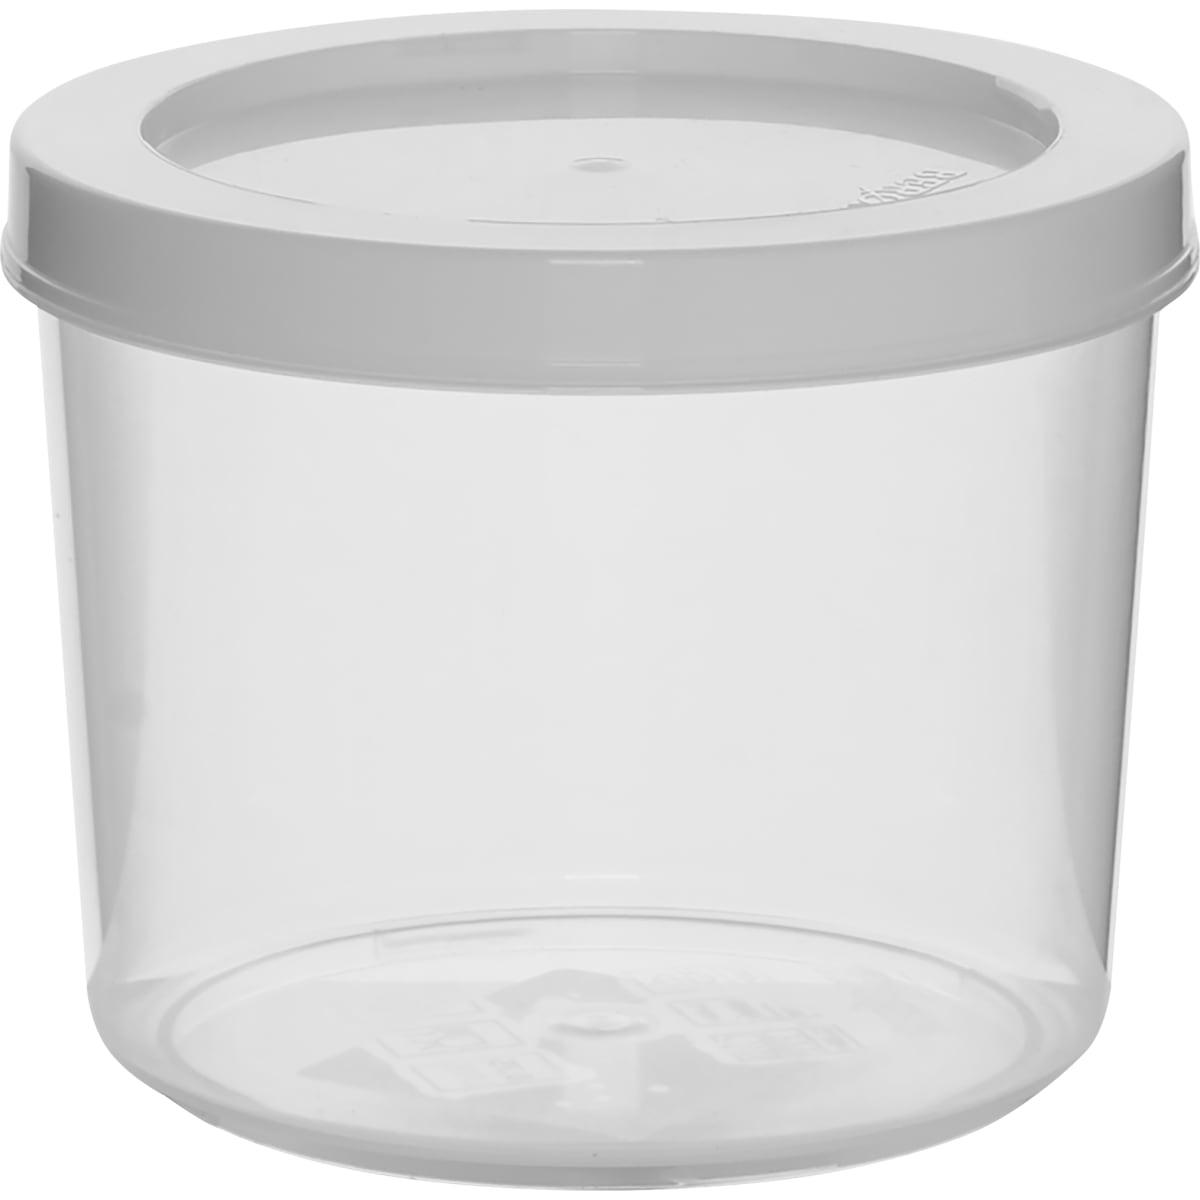 Ёмкость для сыпучих продуктов Cake, 0,75 л, цвет прозрачный